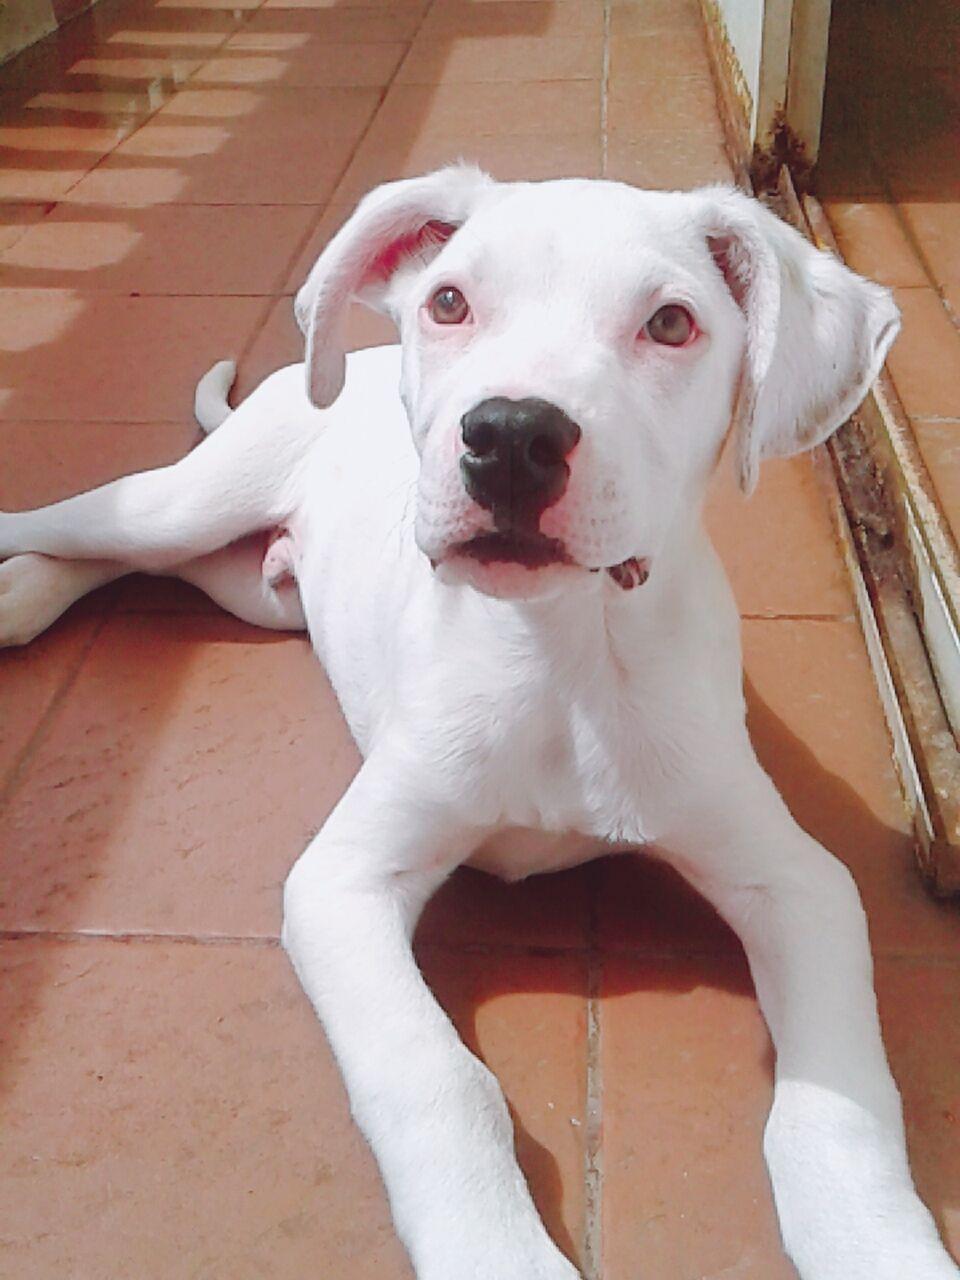 #dog #lovedogs #cachorro #puppy #pitbull #astro #miamor